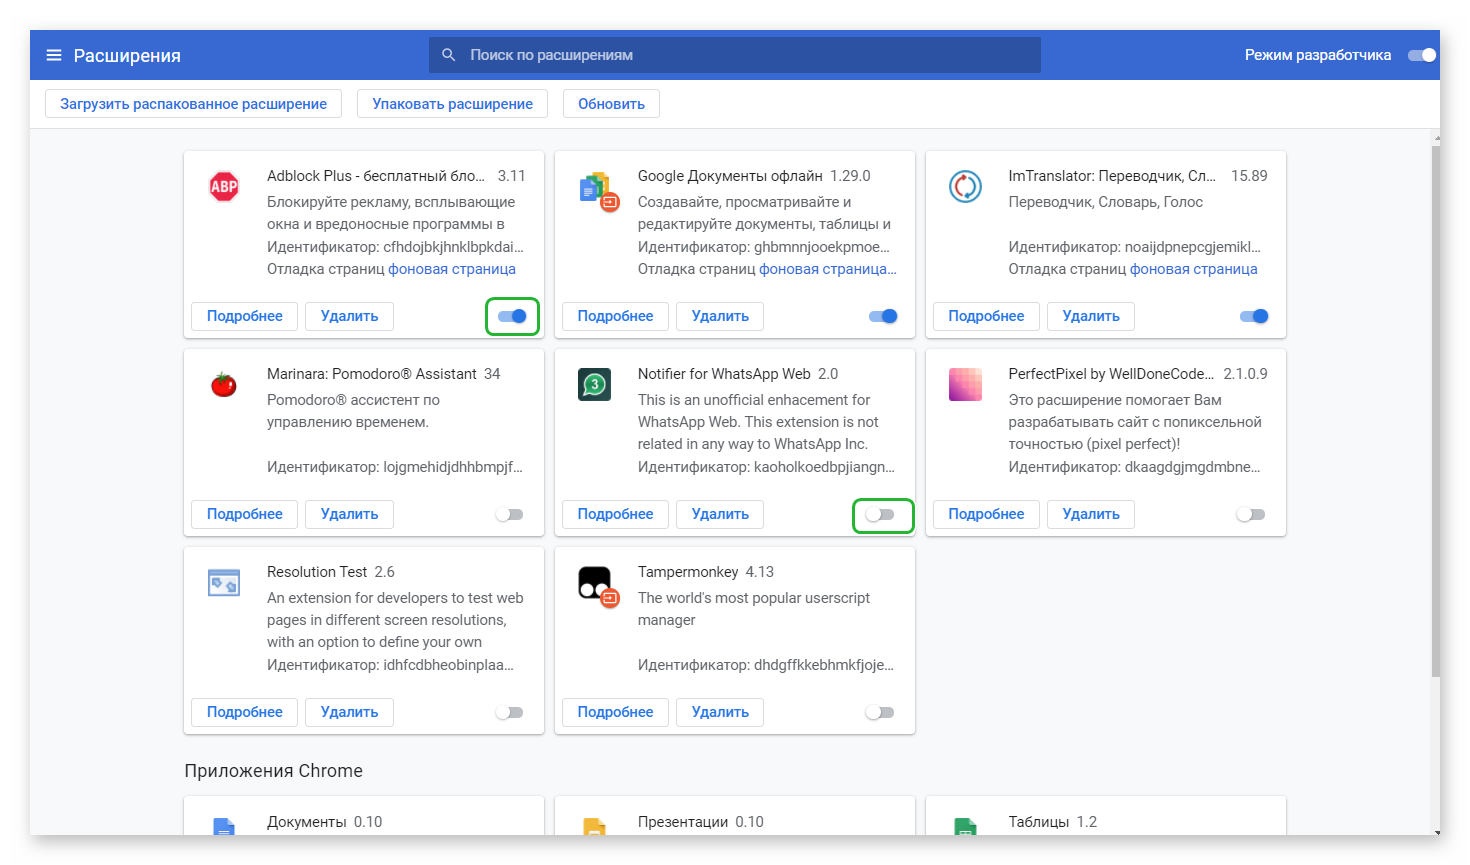 Отключить расширения в Chrome